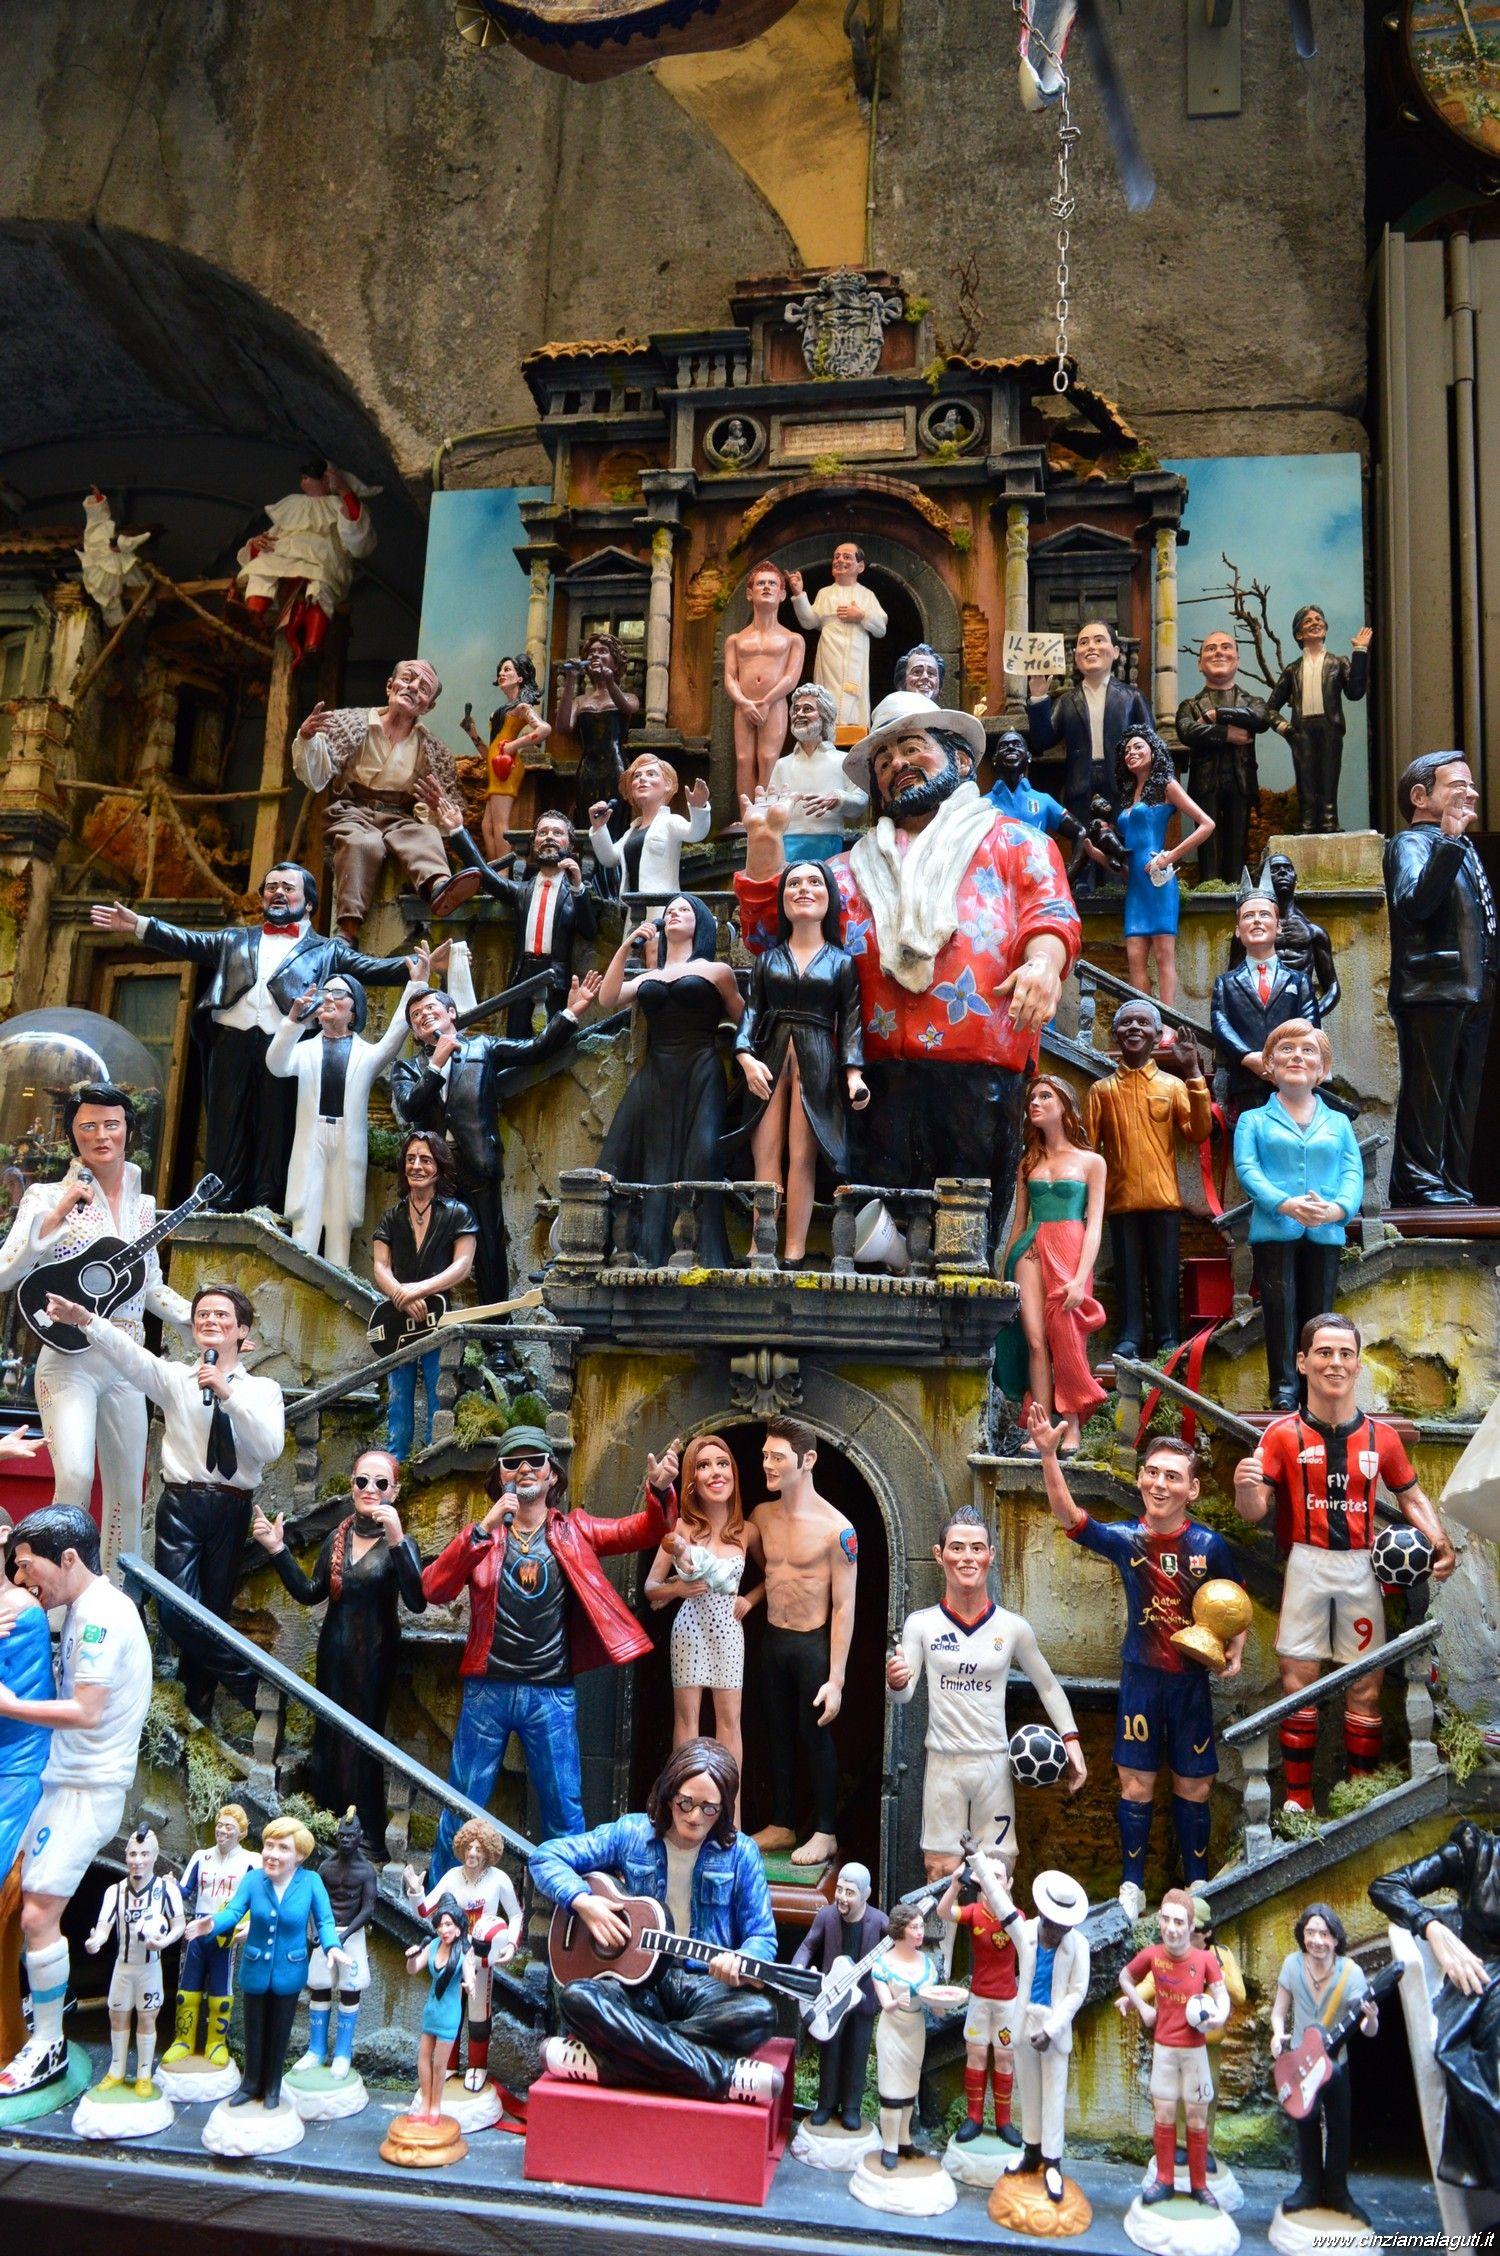 Napoli, statuette caricaturali di personaggi famosi in via San Gregorio Armeno